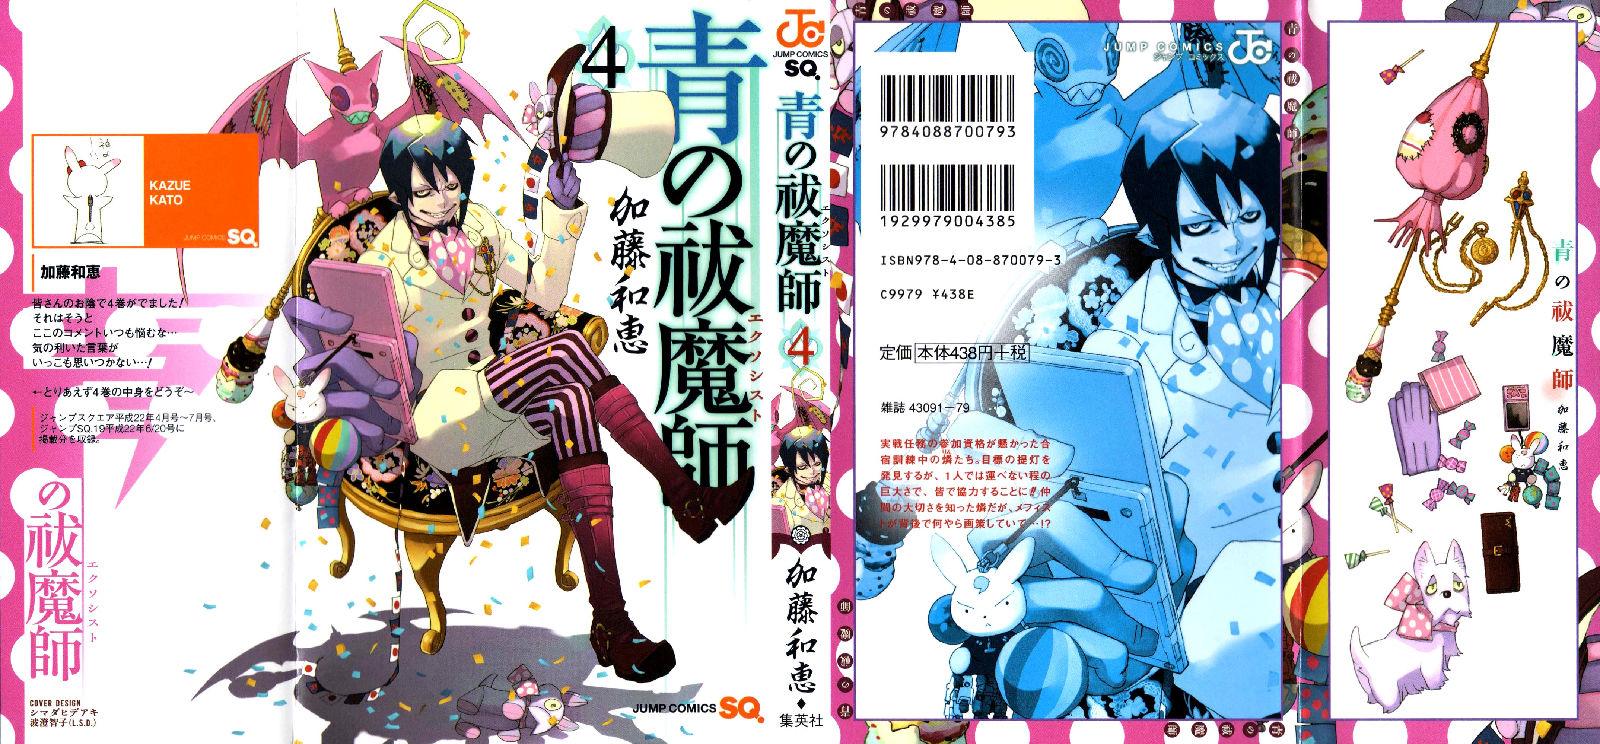 Ao No Exorcist Blue Exorcist Image 805731 Zerochan Anime Image Board